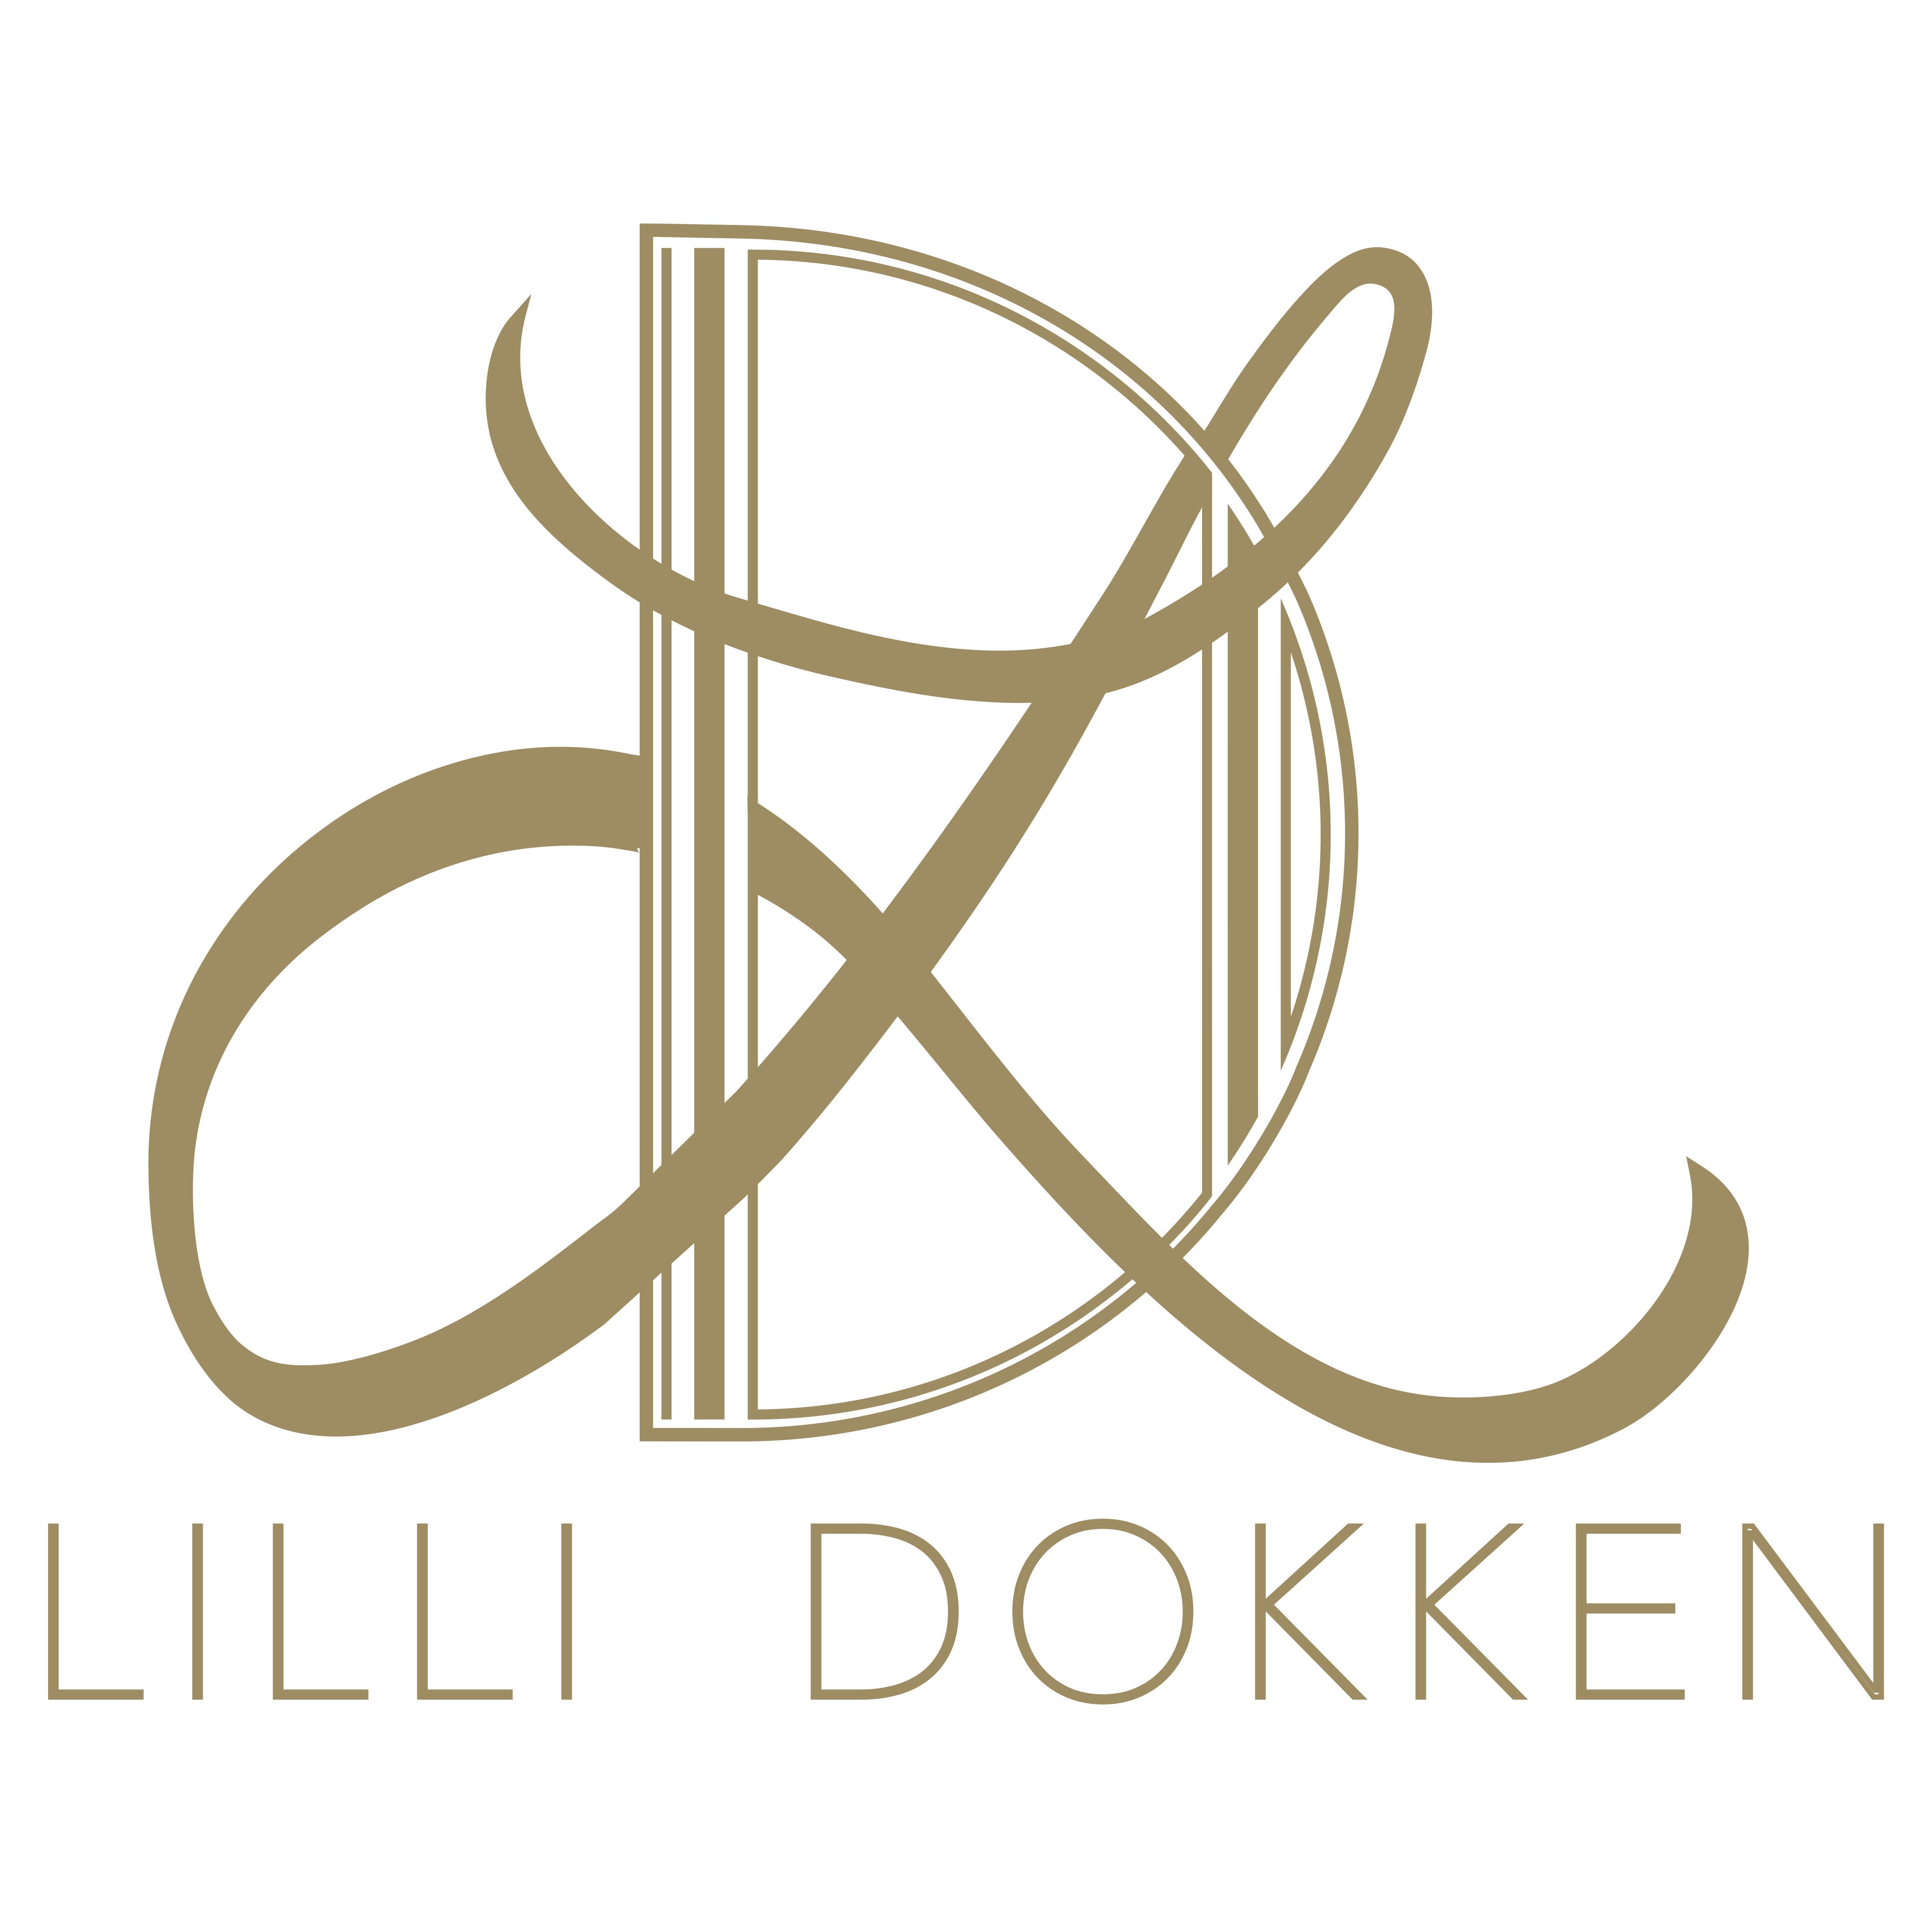 Lilli Dokken